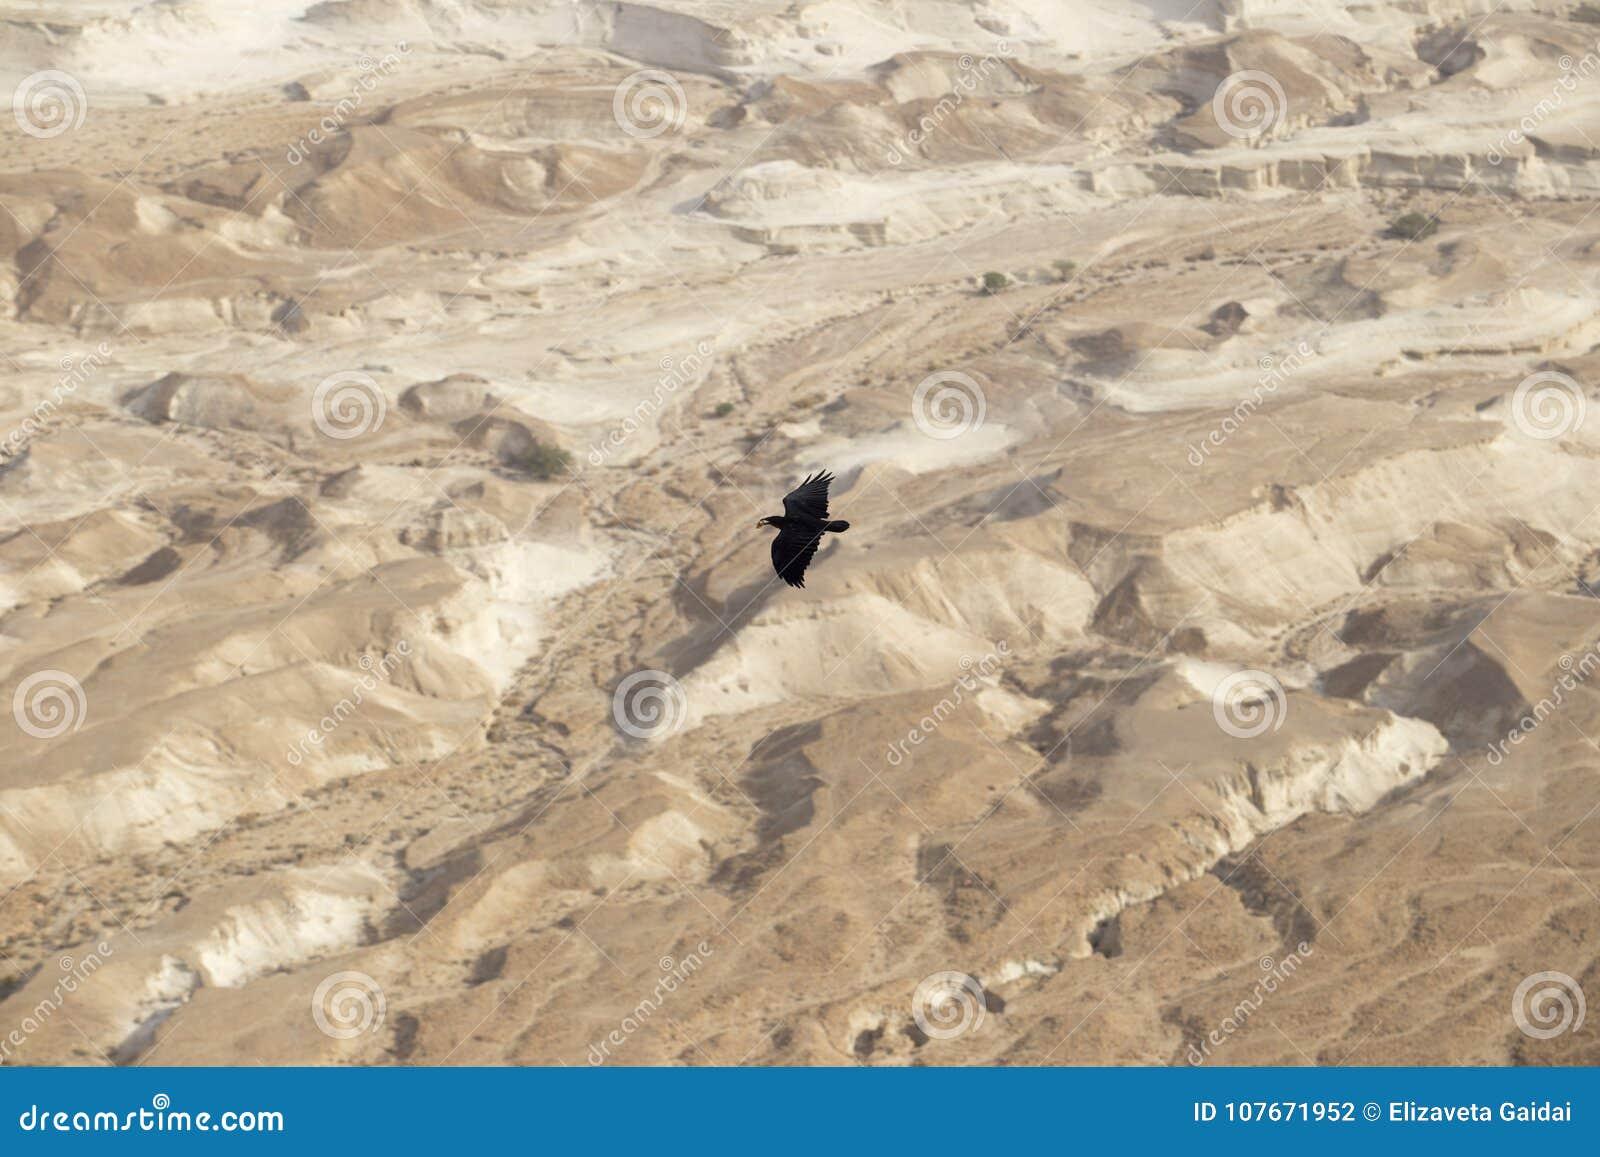 Ein großer schwarzer Rabe, der auf einer ungeheuren Höhe über dem s schwebt